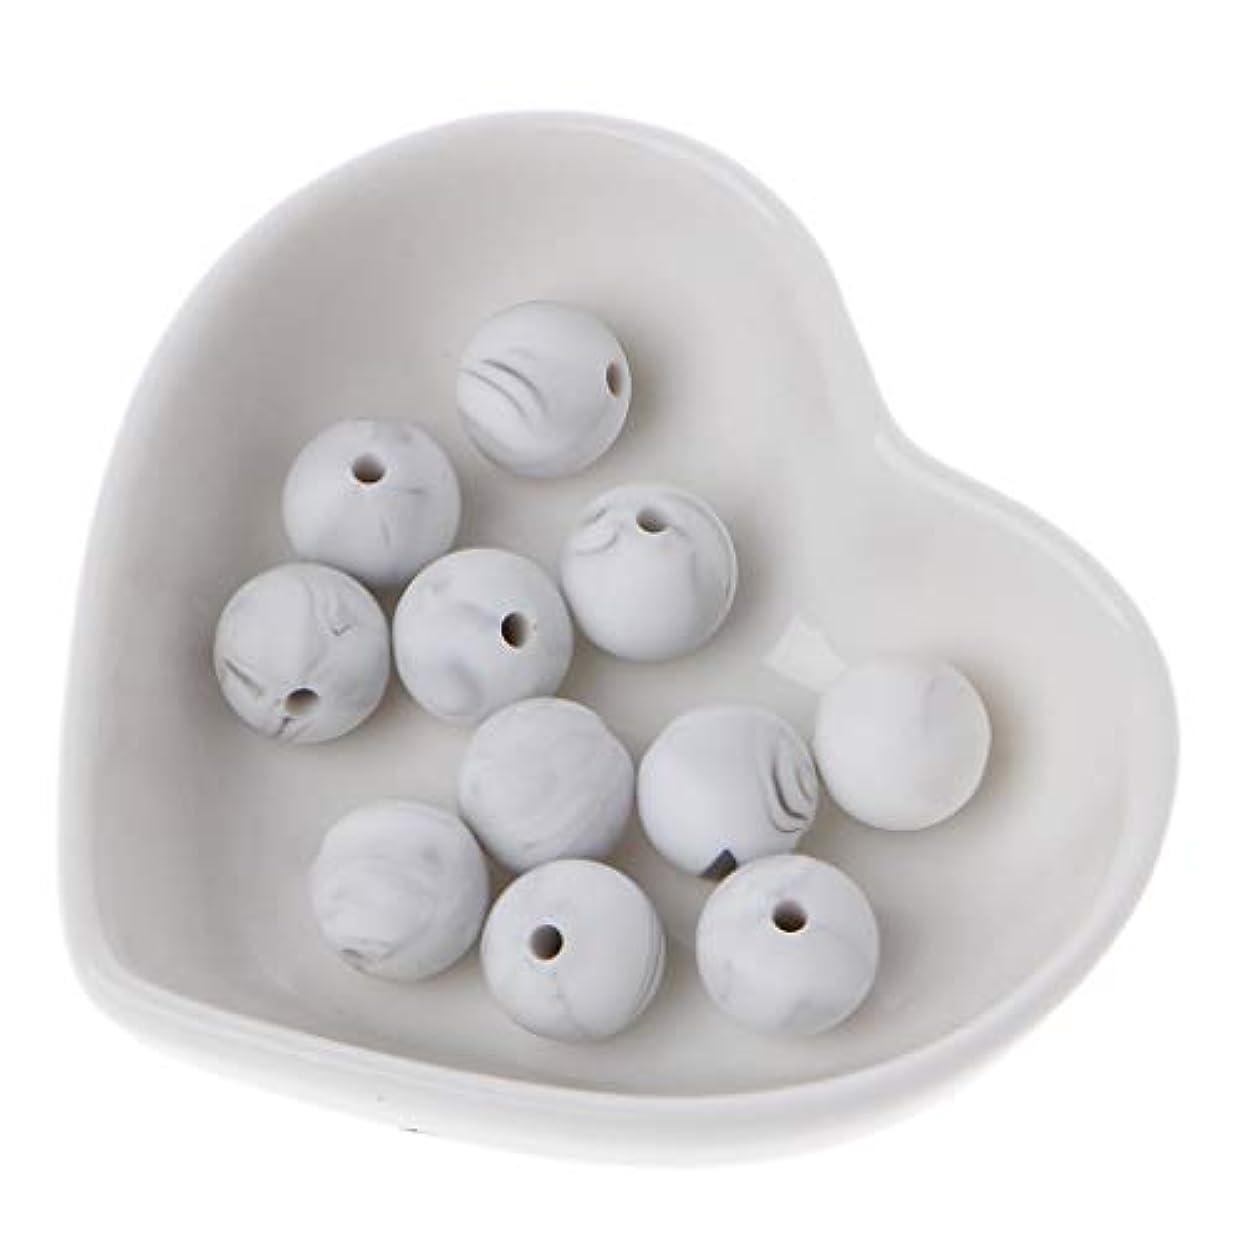 静的弁護人大陸Landdum 10個シリコーンビーズ40#大理石ホワイトシリカビーズ赤ちゃんのおもちゃdiyおしゃぶりチェーンアクセサリー - 12ミリメートル